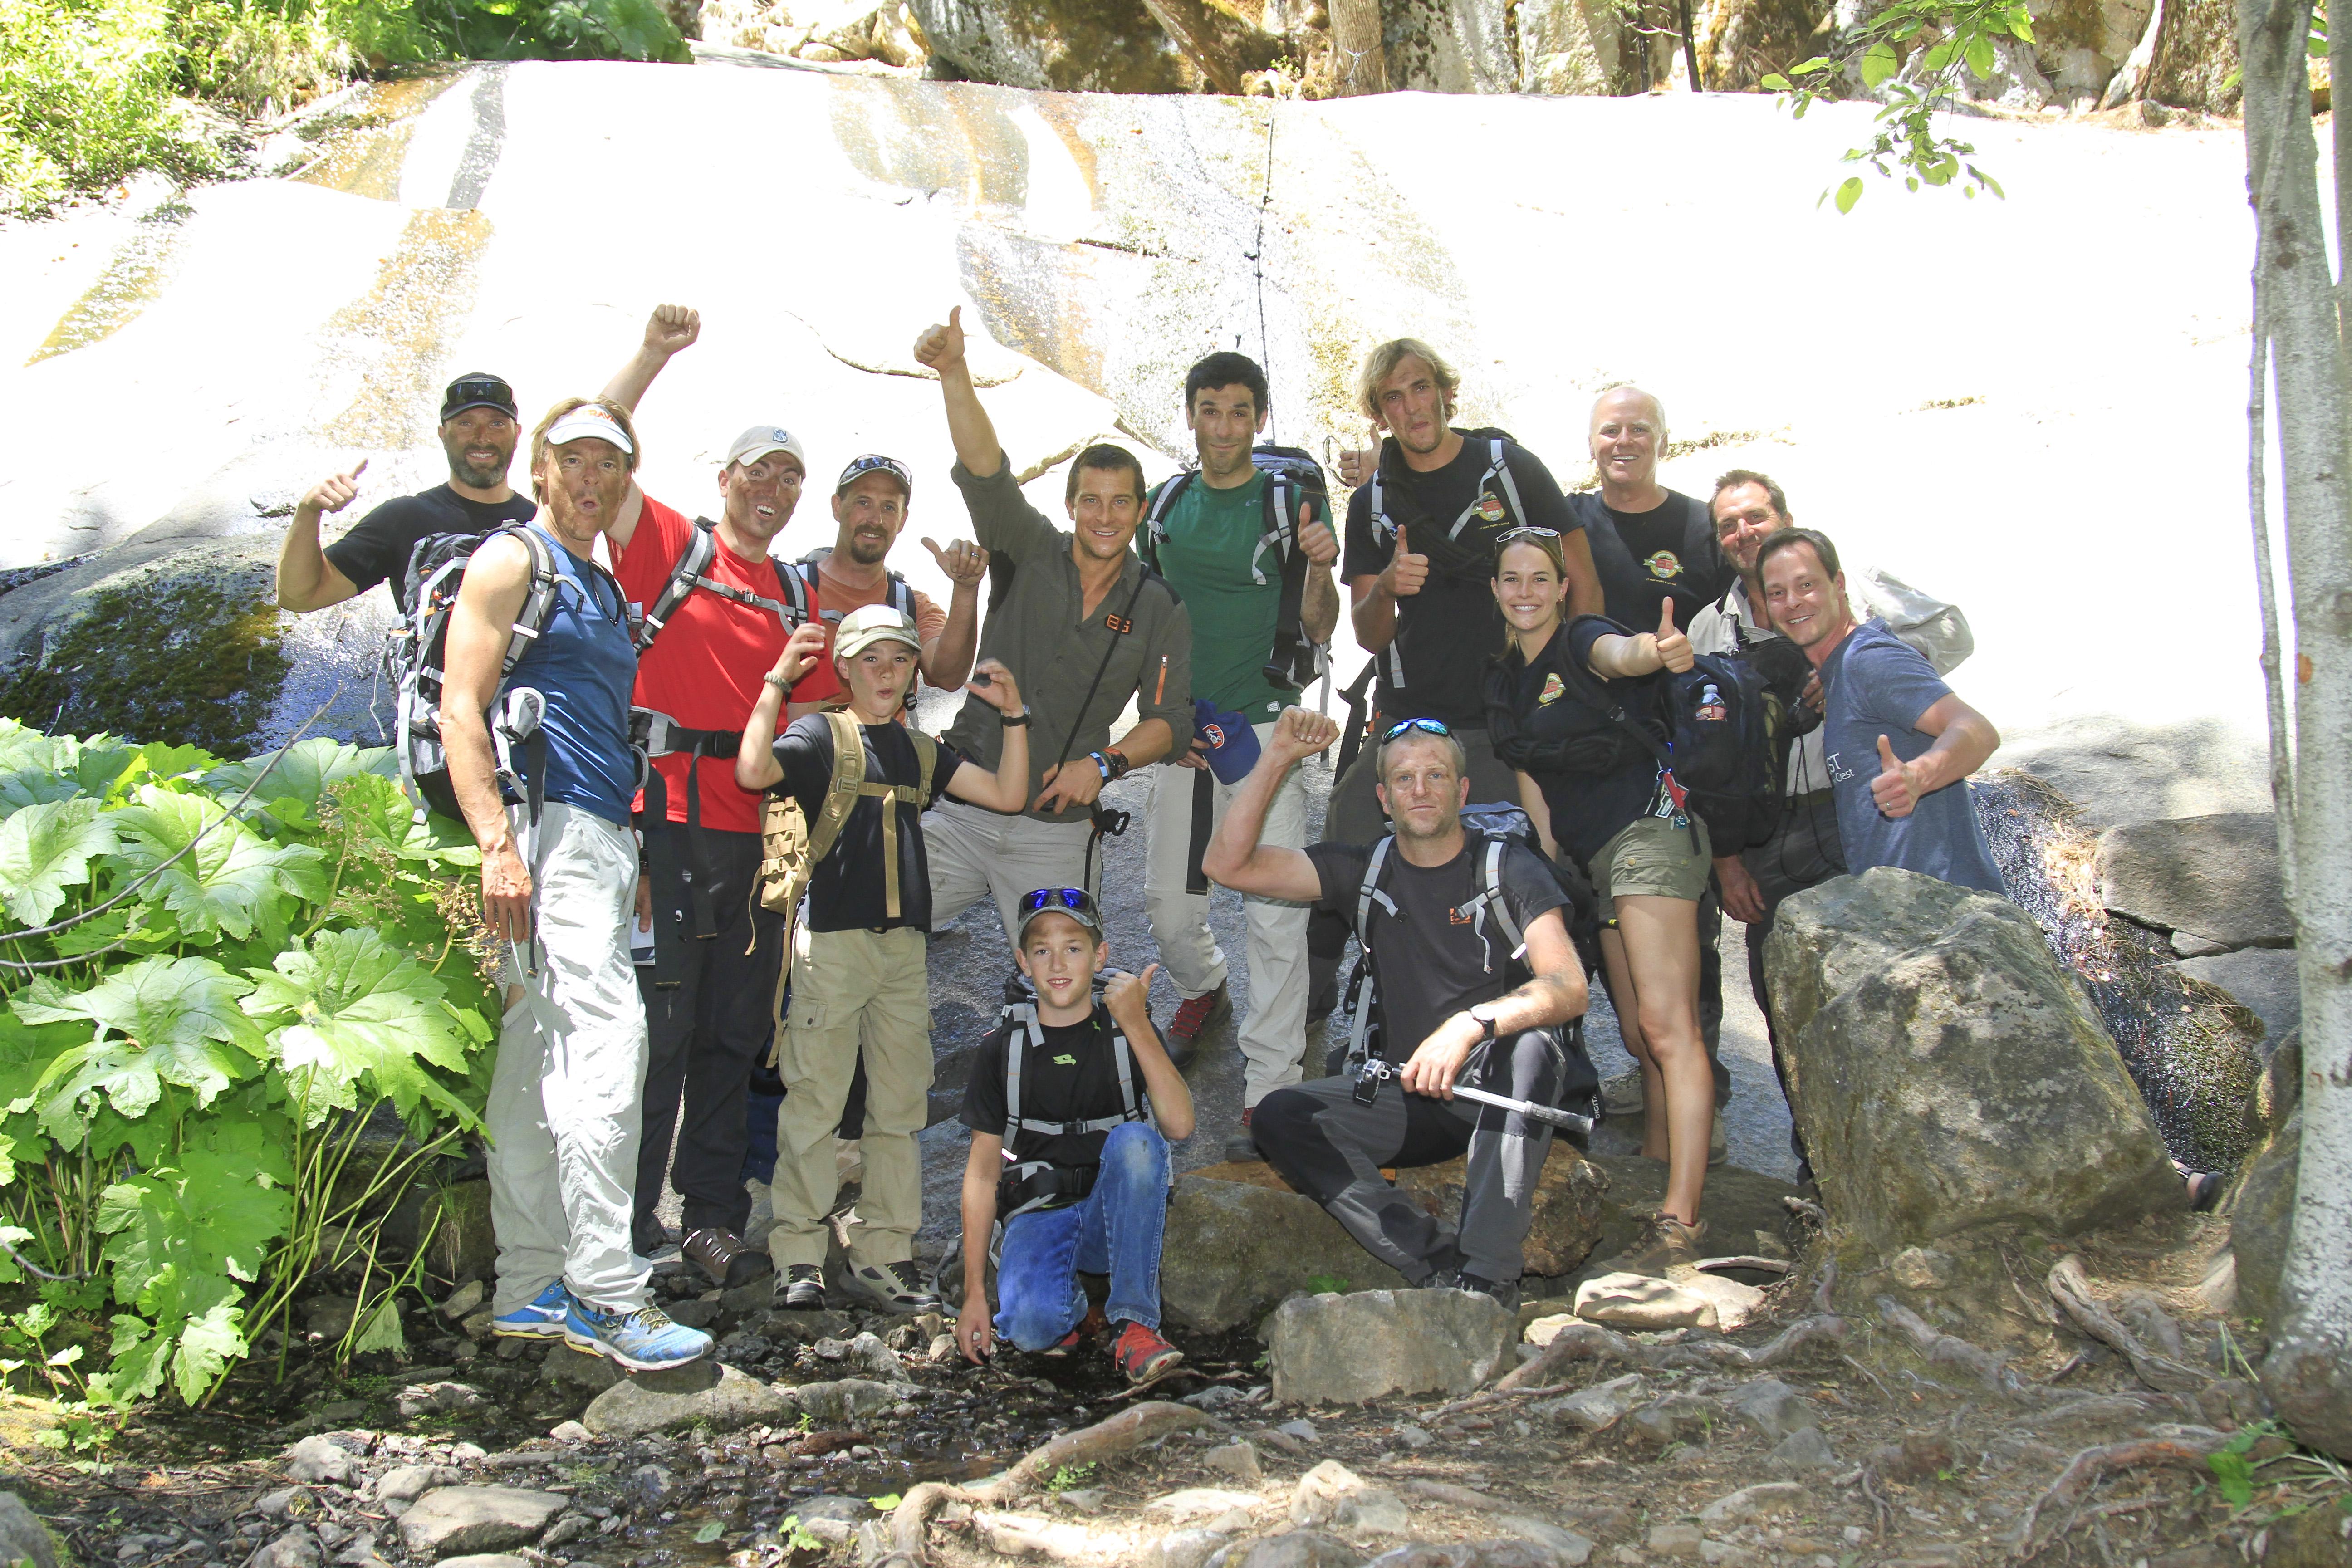 Going Wild at the Bear Grylls Survival Academy (Photos courtesy BGSA)